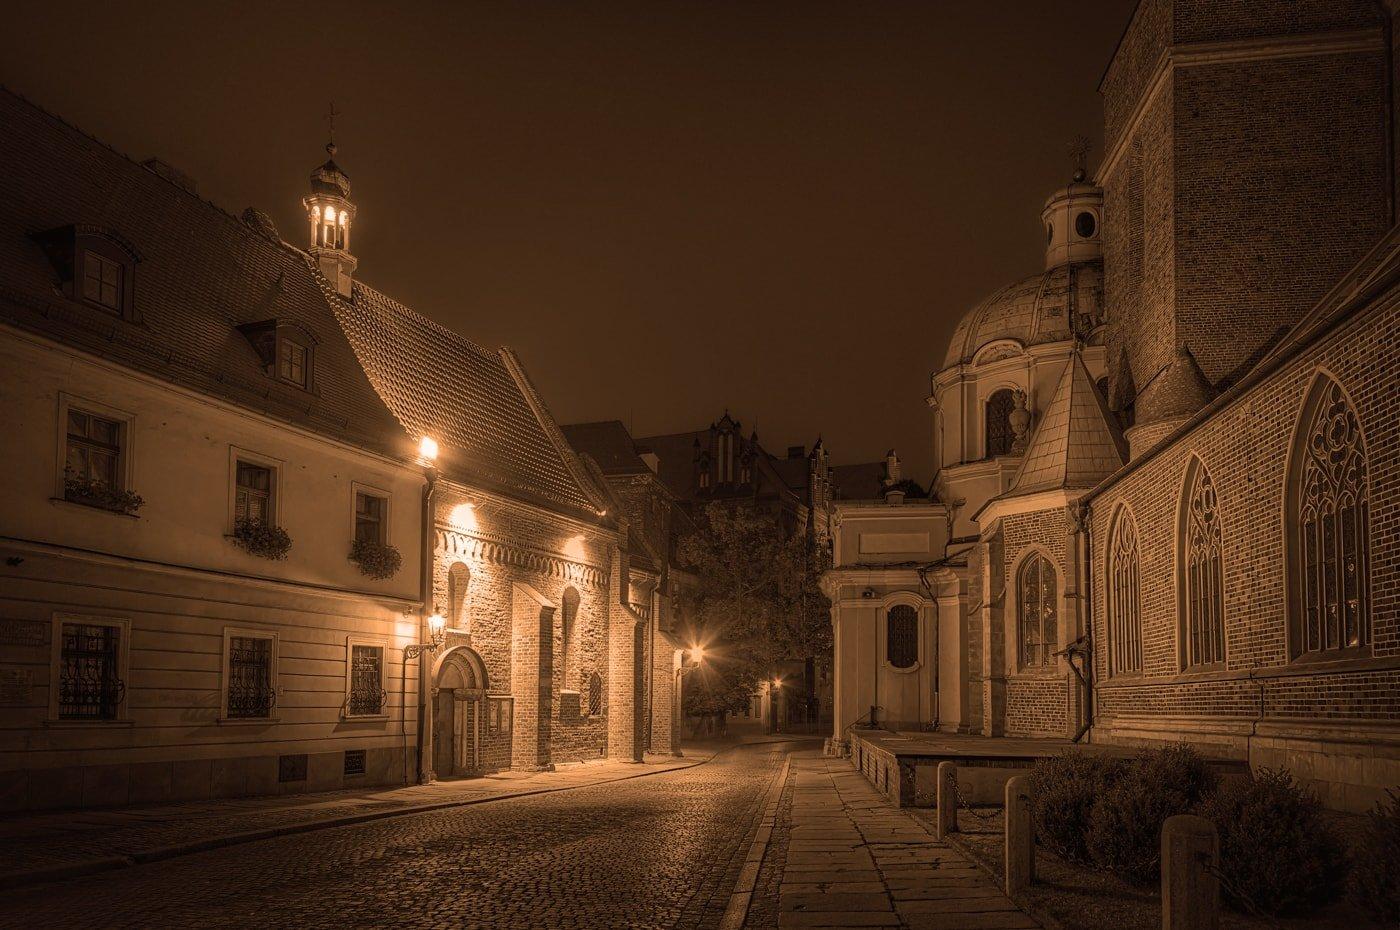 Cathedral Island Ostrów Tumski in Wrocław, Poland